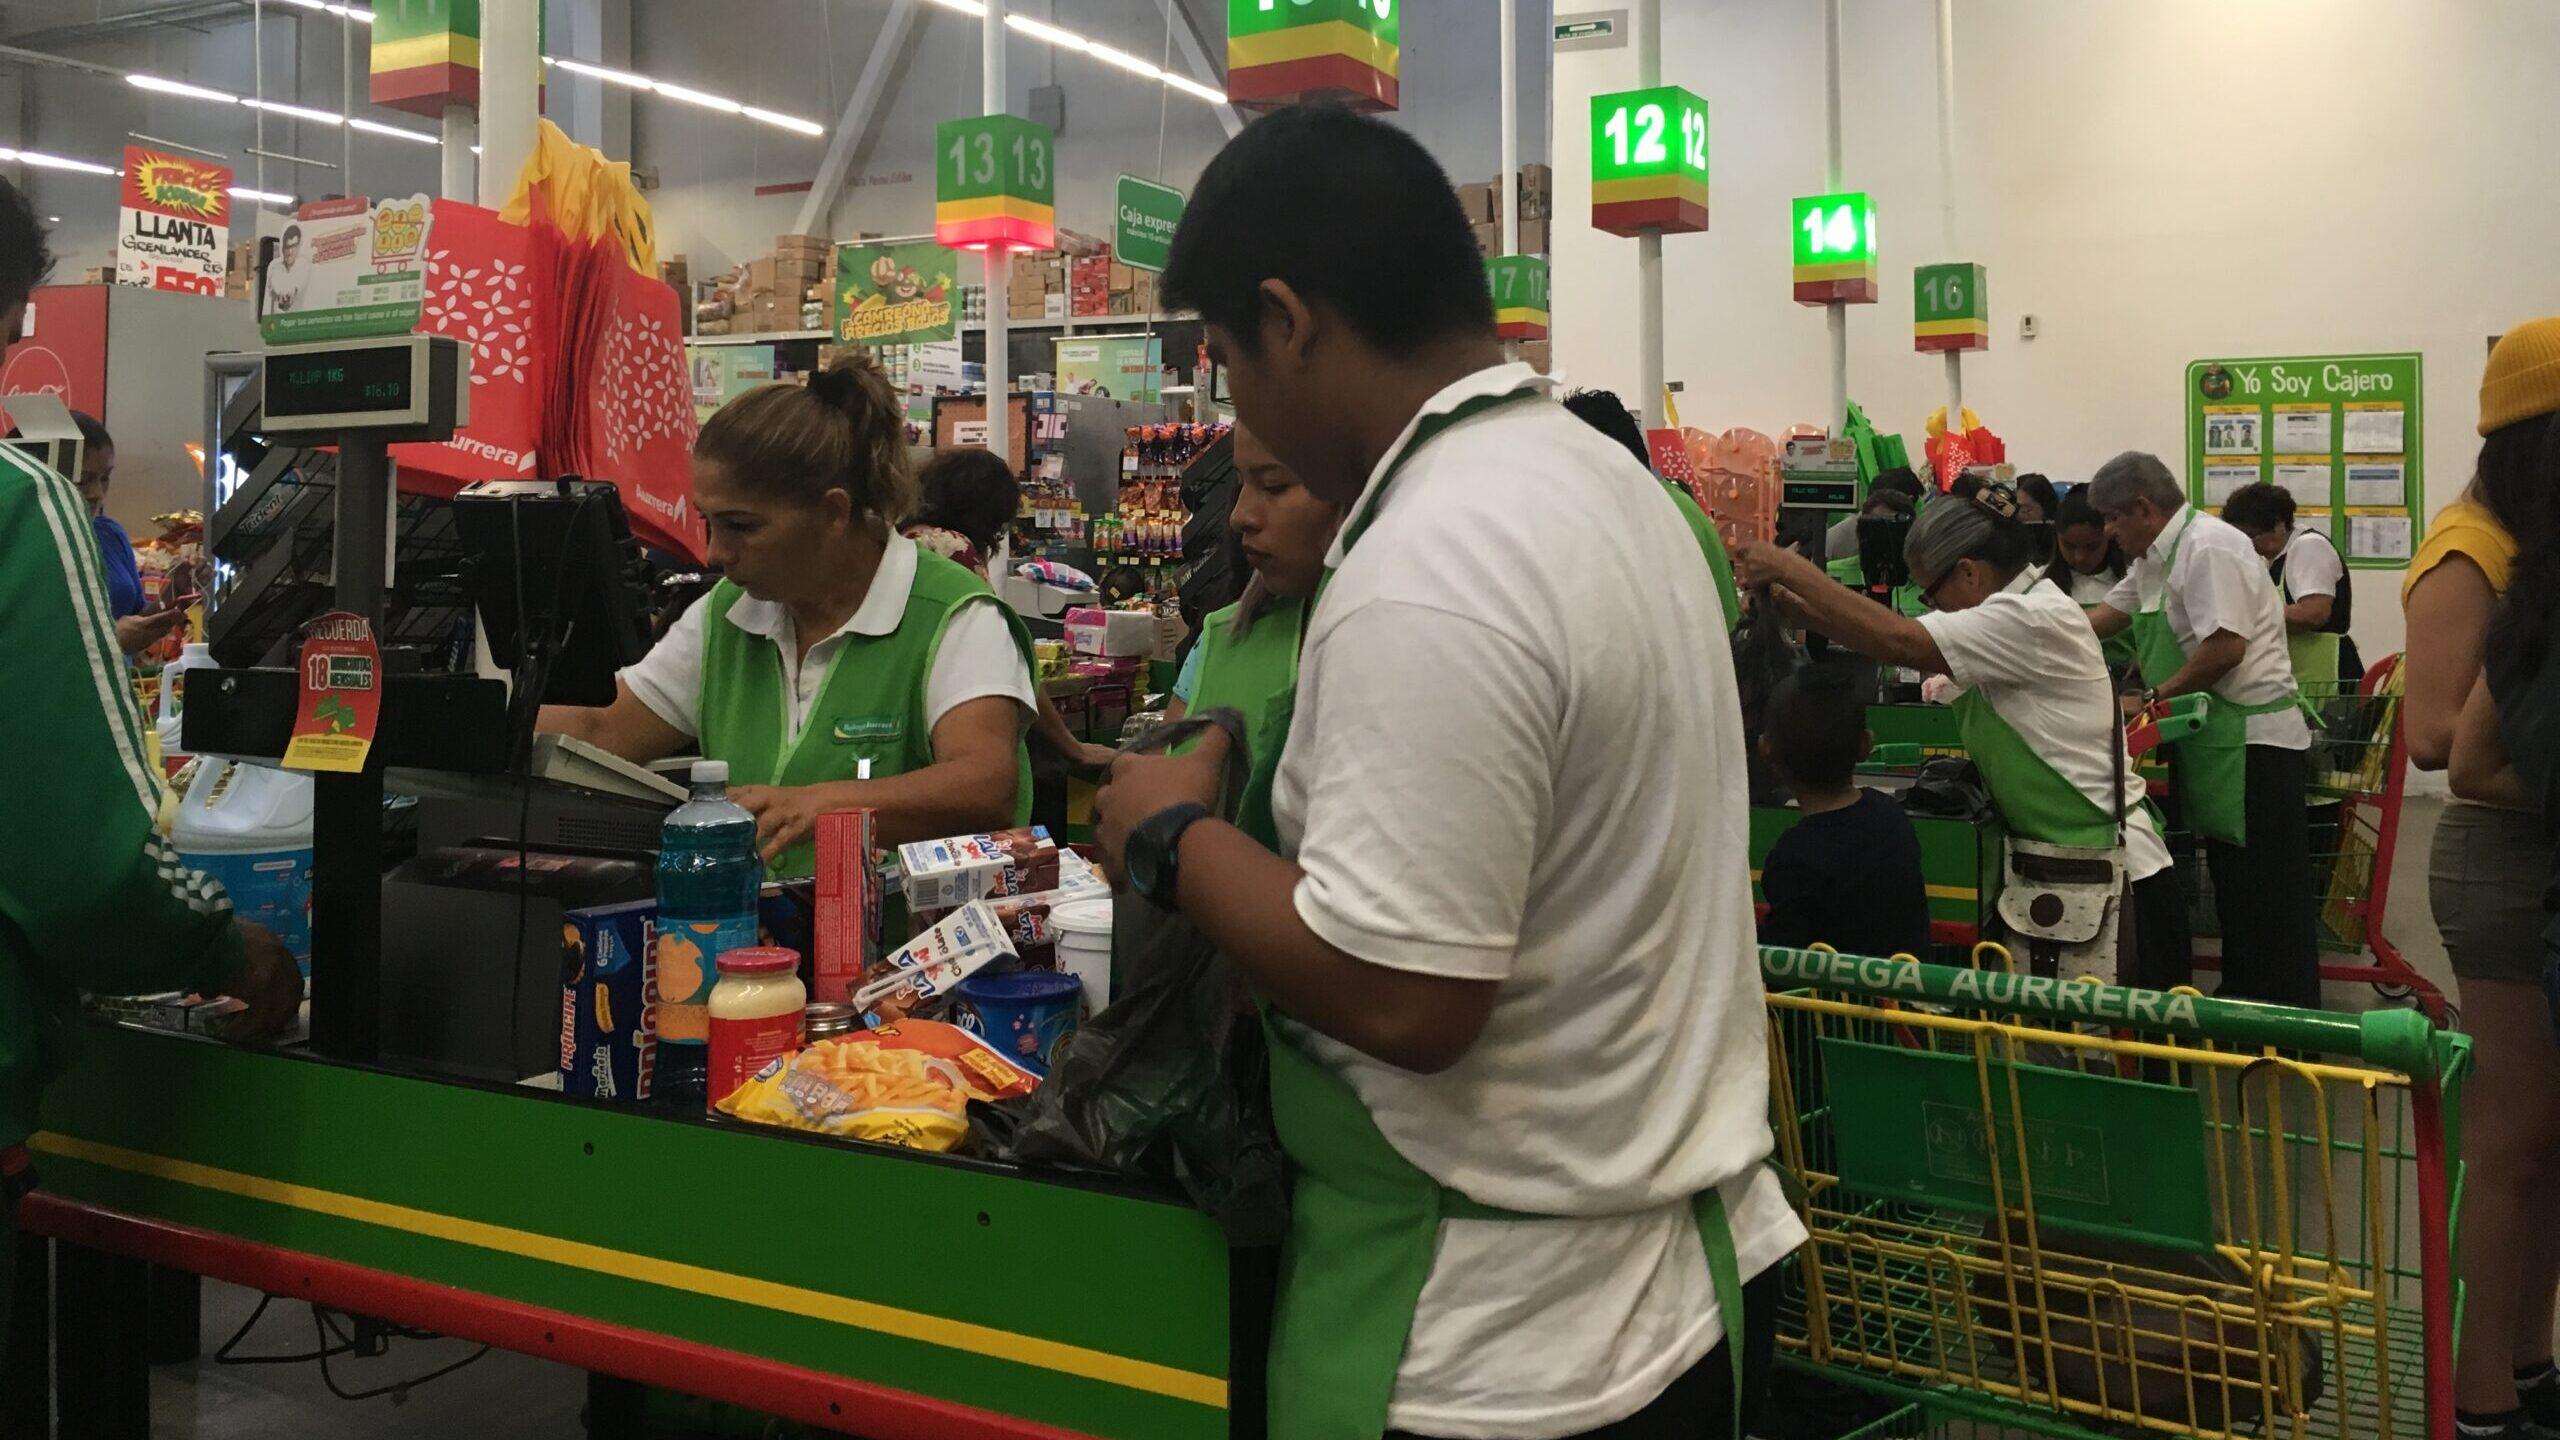 Bolsas vacías: adultos mayores empacadores se quedan sin trabajo